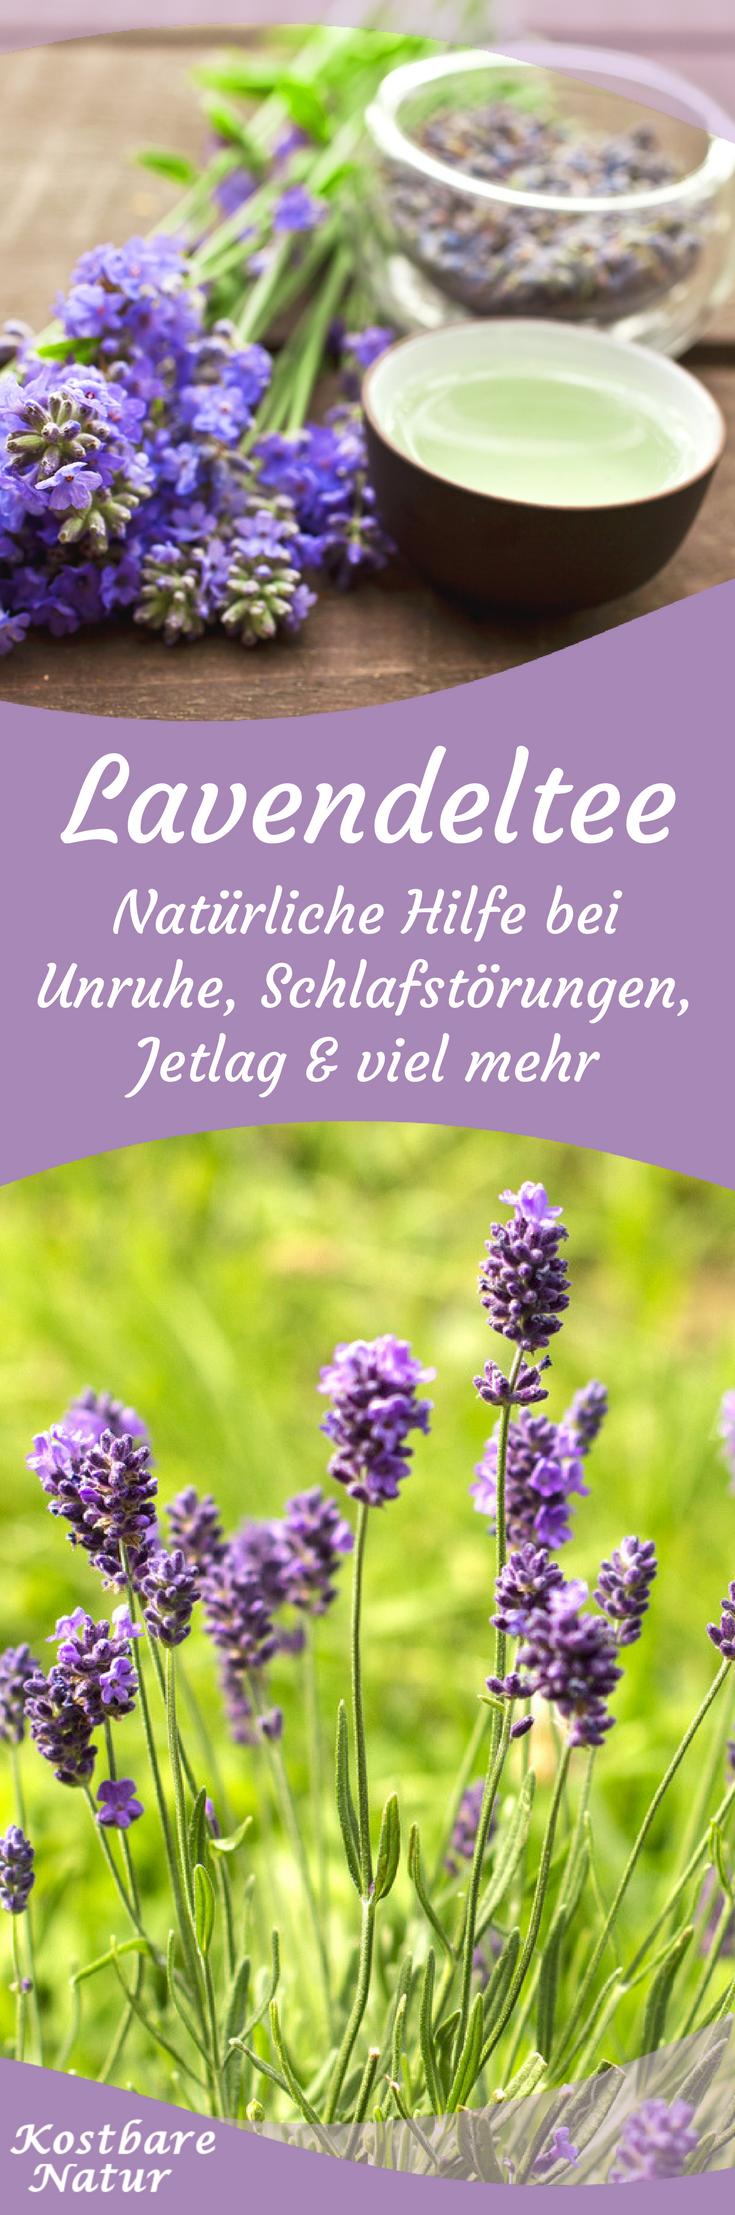 Lavendel Tee Selber Machen : lavendeltee beruhigt hilft beim einschlafen unruhe und mehr gesundheit pinterest ~ Frokenaadalensverden.com Haus und Dekorationen